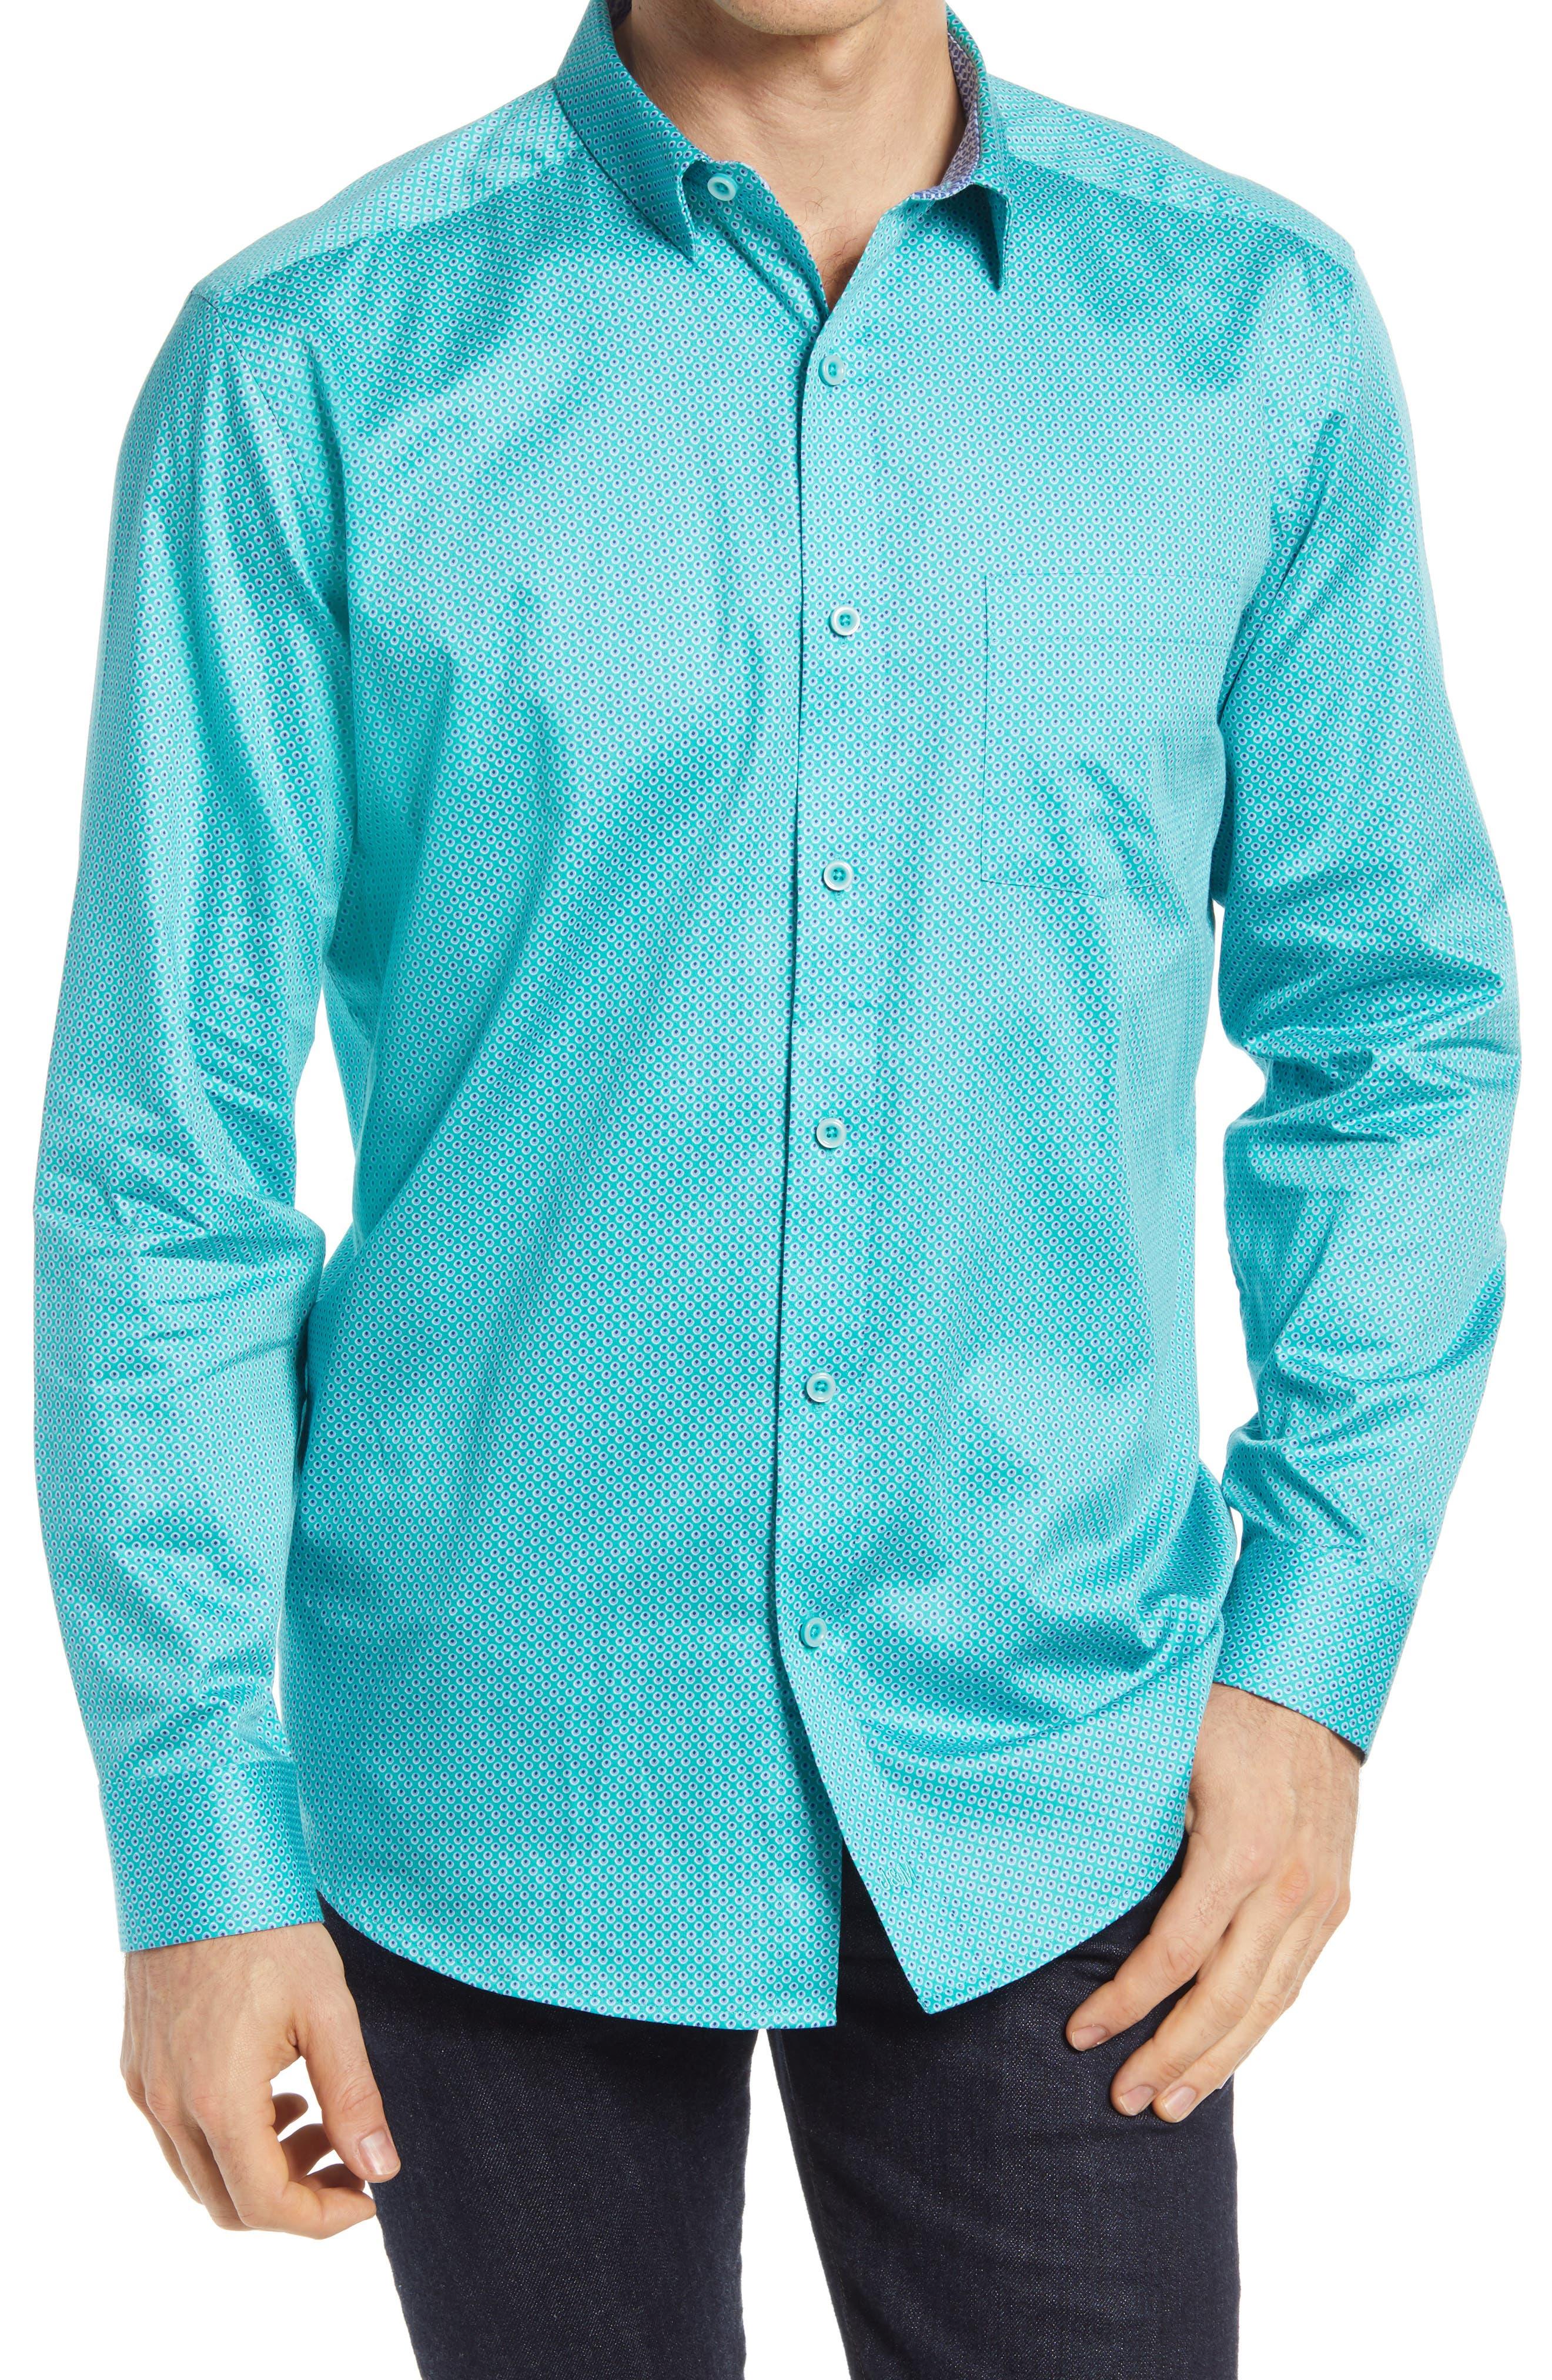 Third Eye Print Button-Up Shirt